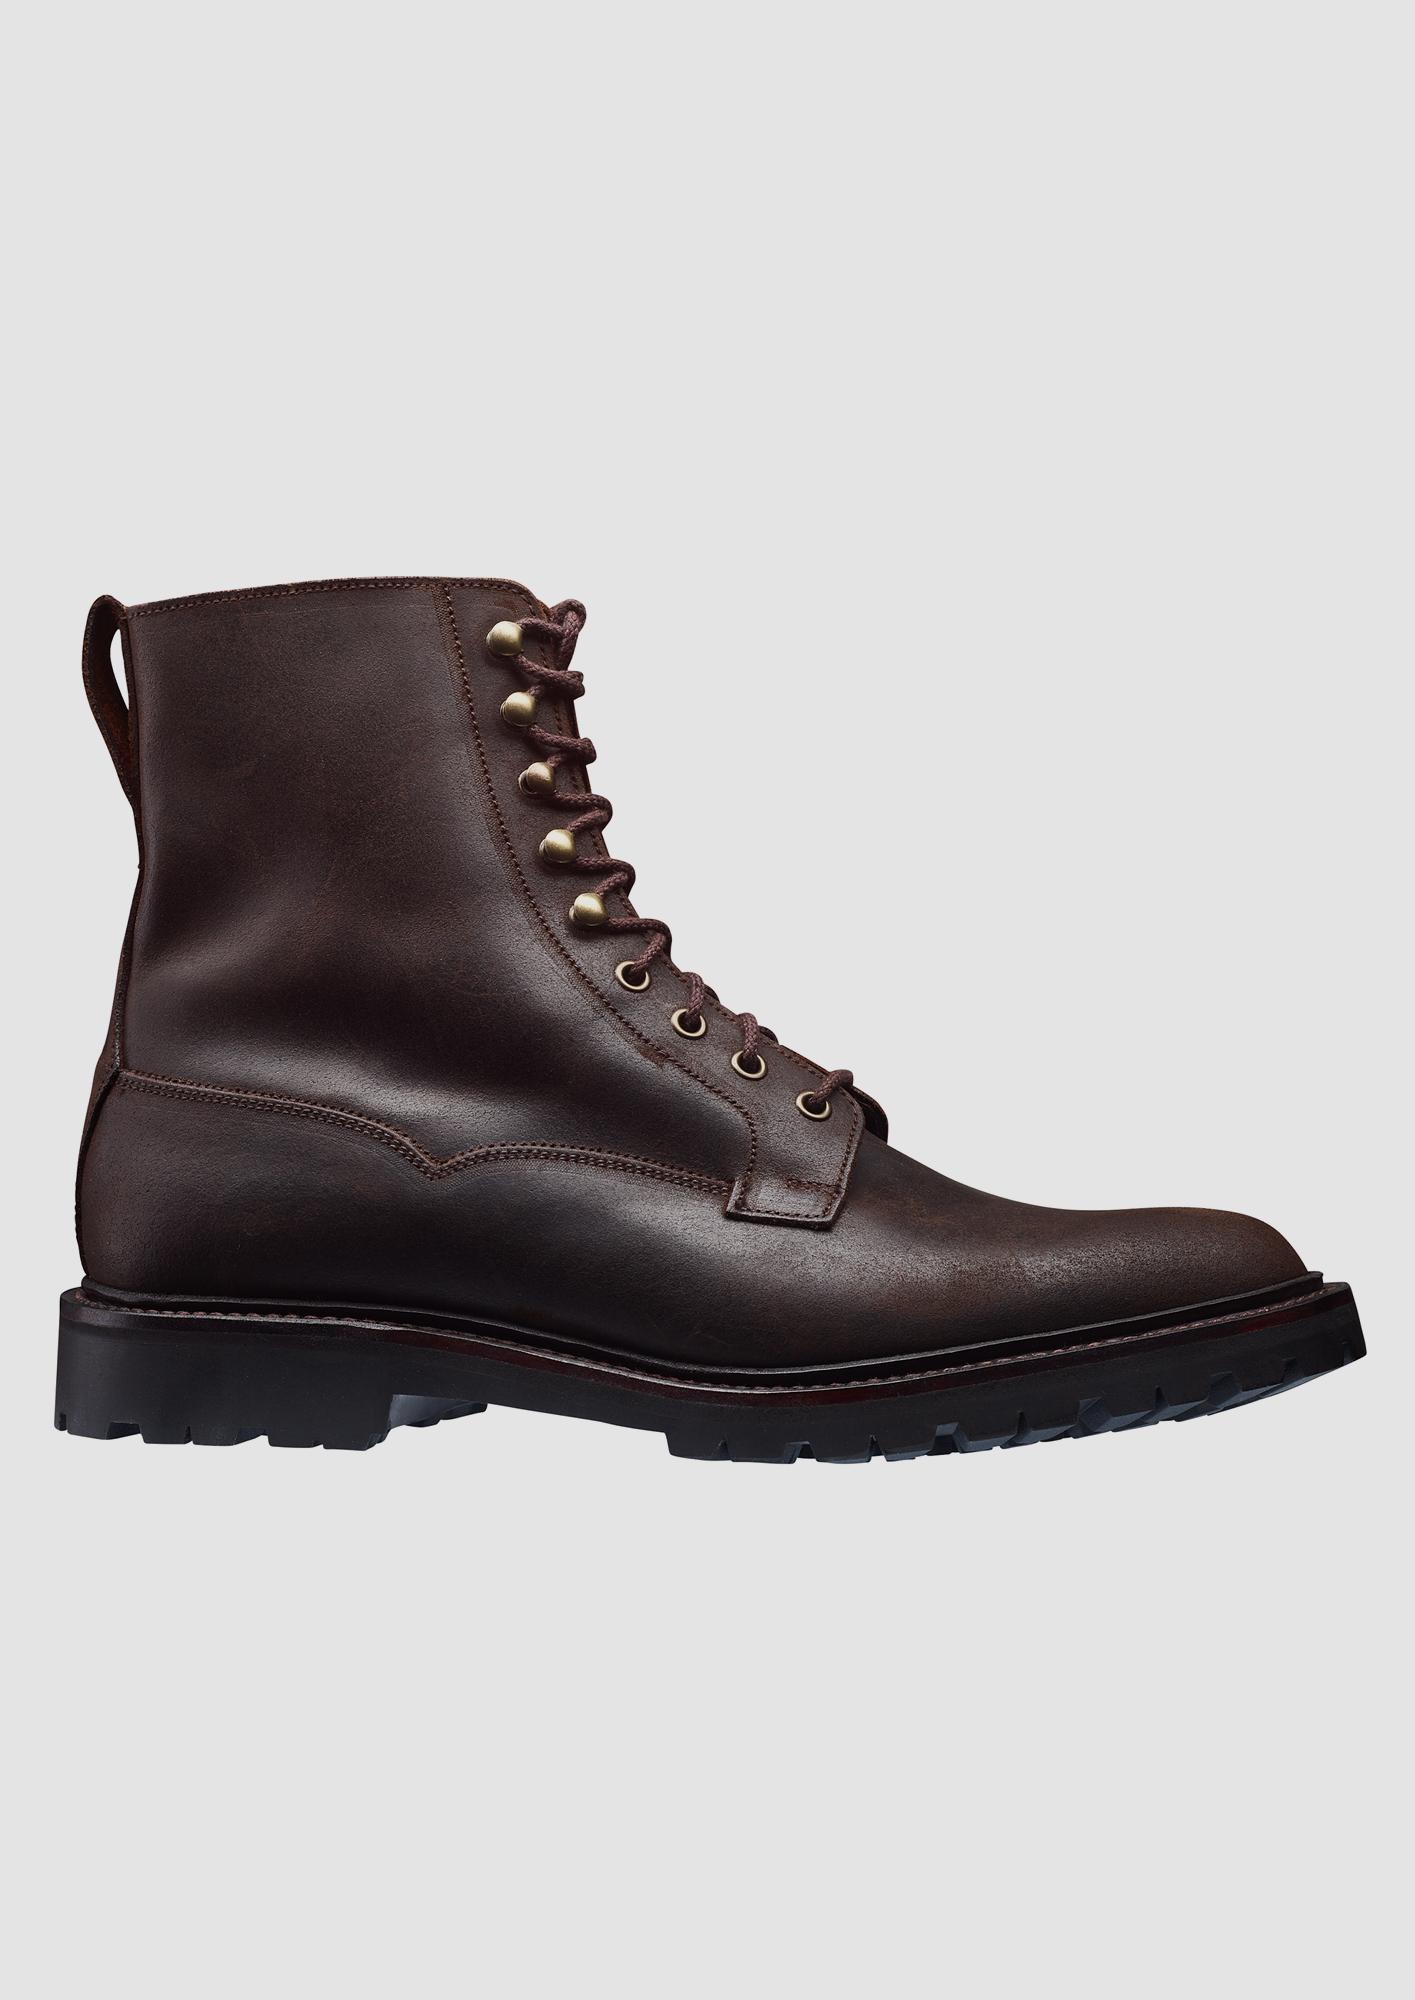 Crockett & Jones Grizedale boot